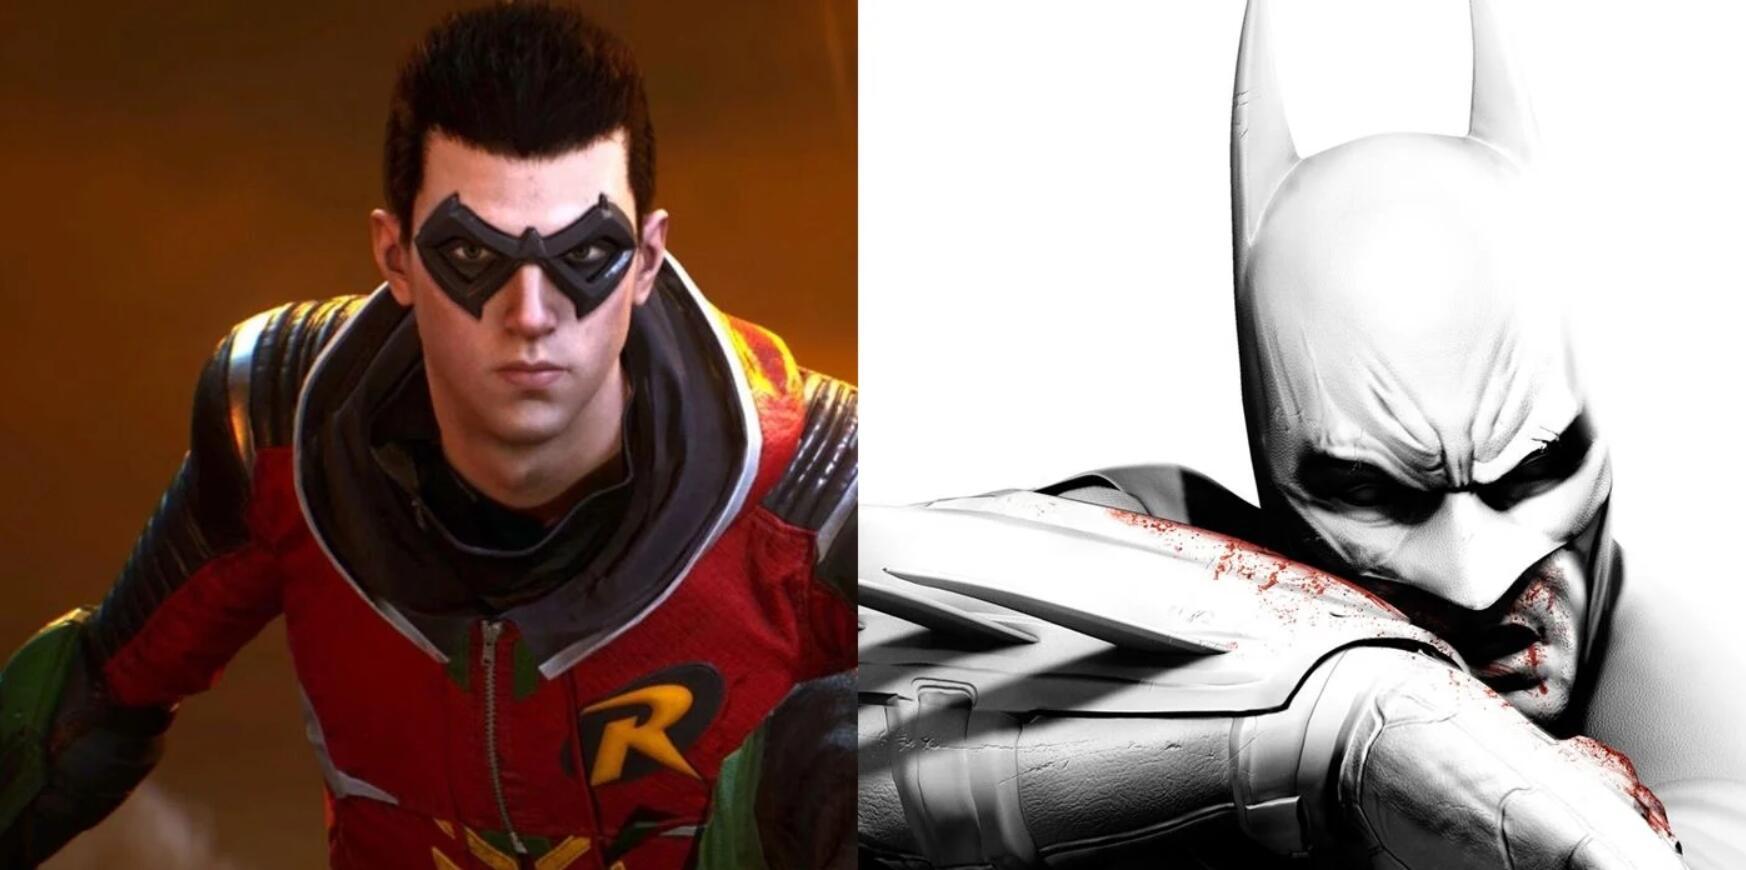 《哥谭骑士》与《蝙蝠侠:阿卡姆》系列不存在关联